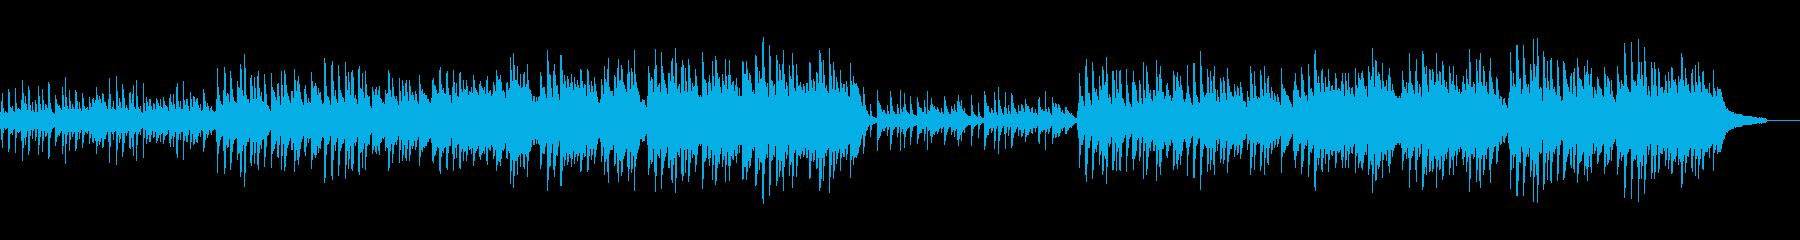 和風ピアノソロ、切ない、月明かり、幻想的の再生済みの波形